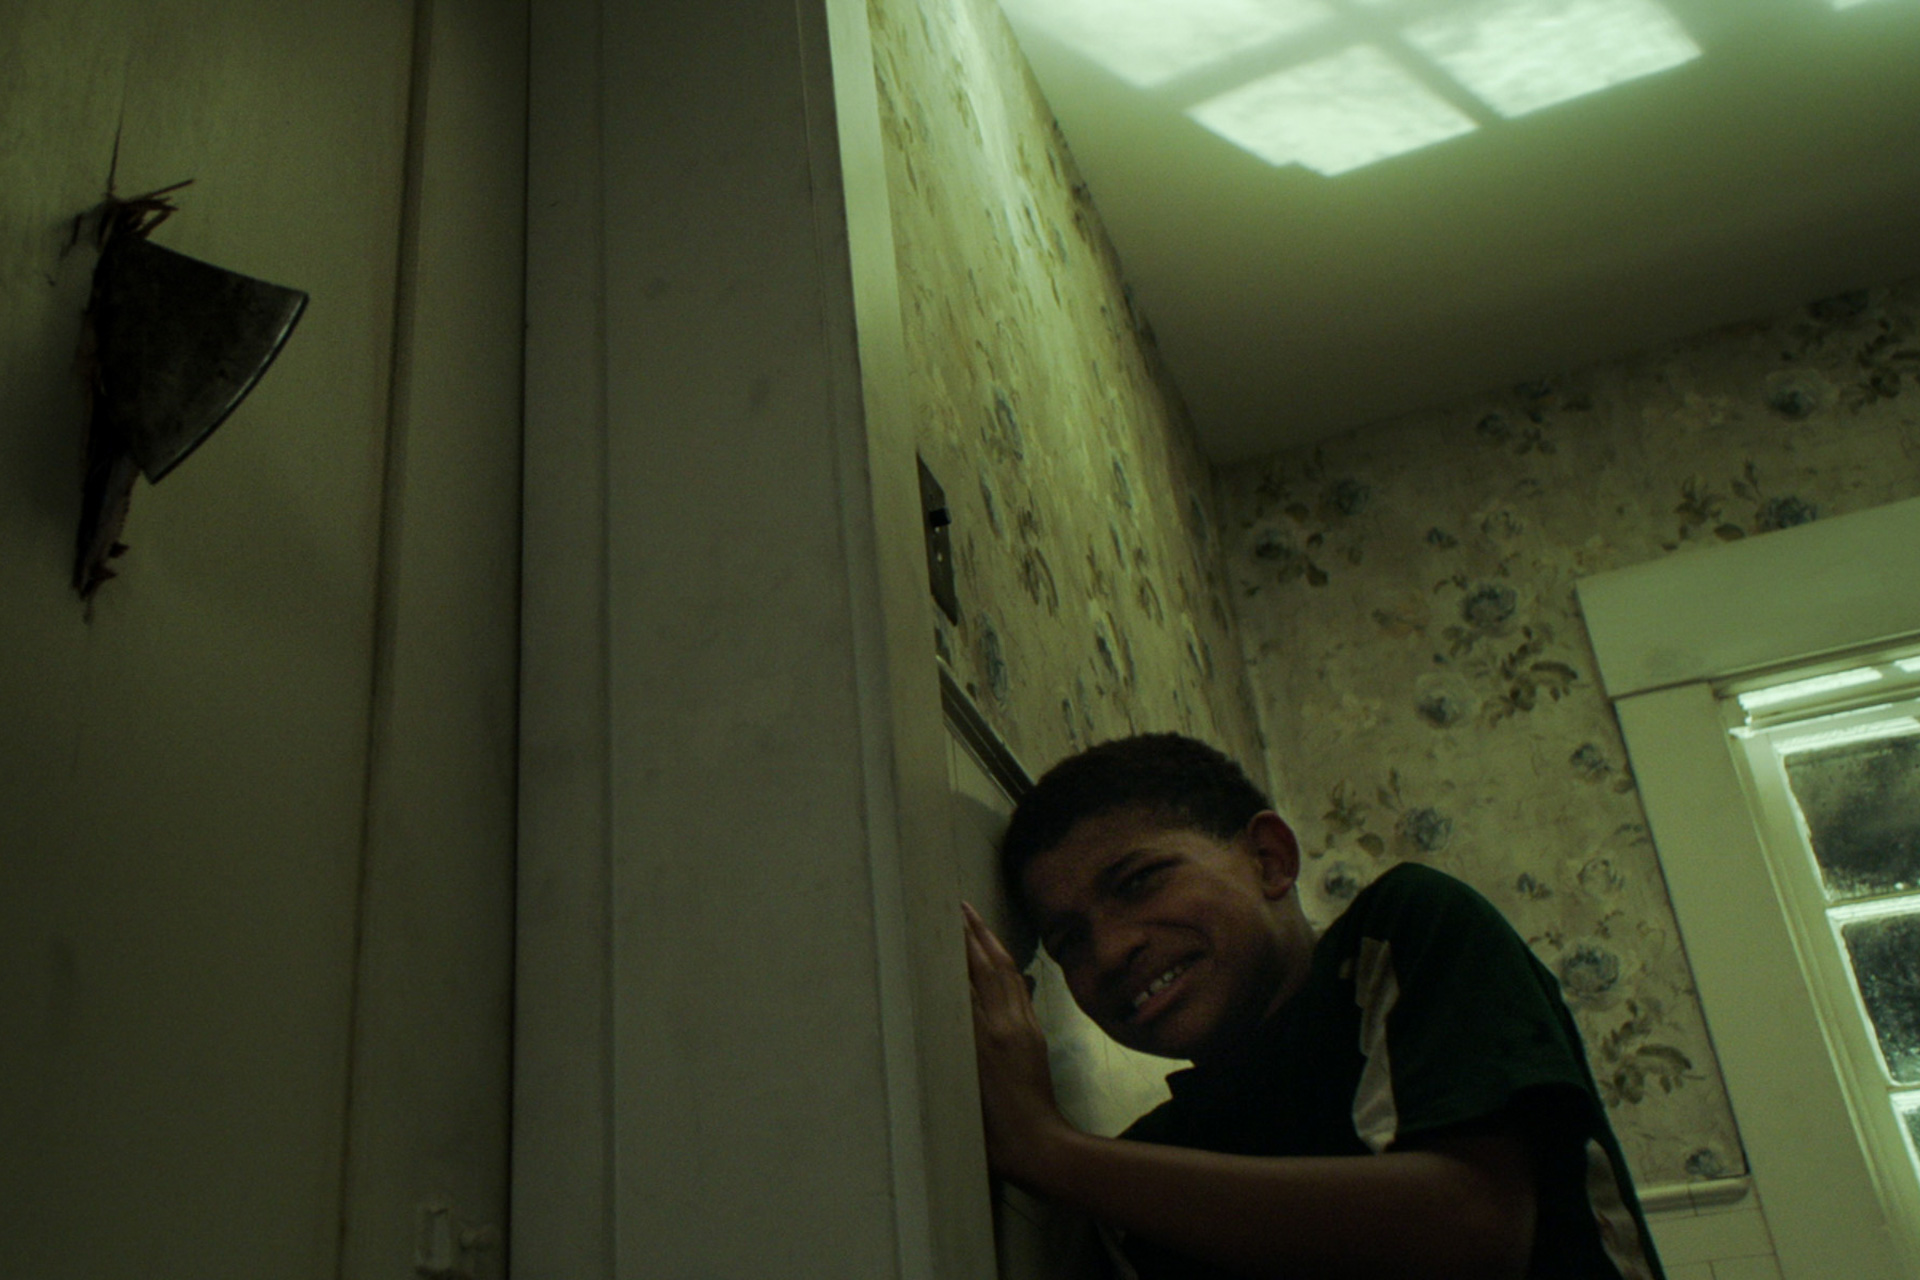 Boy Behind the Door